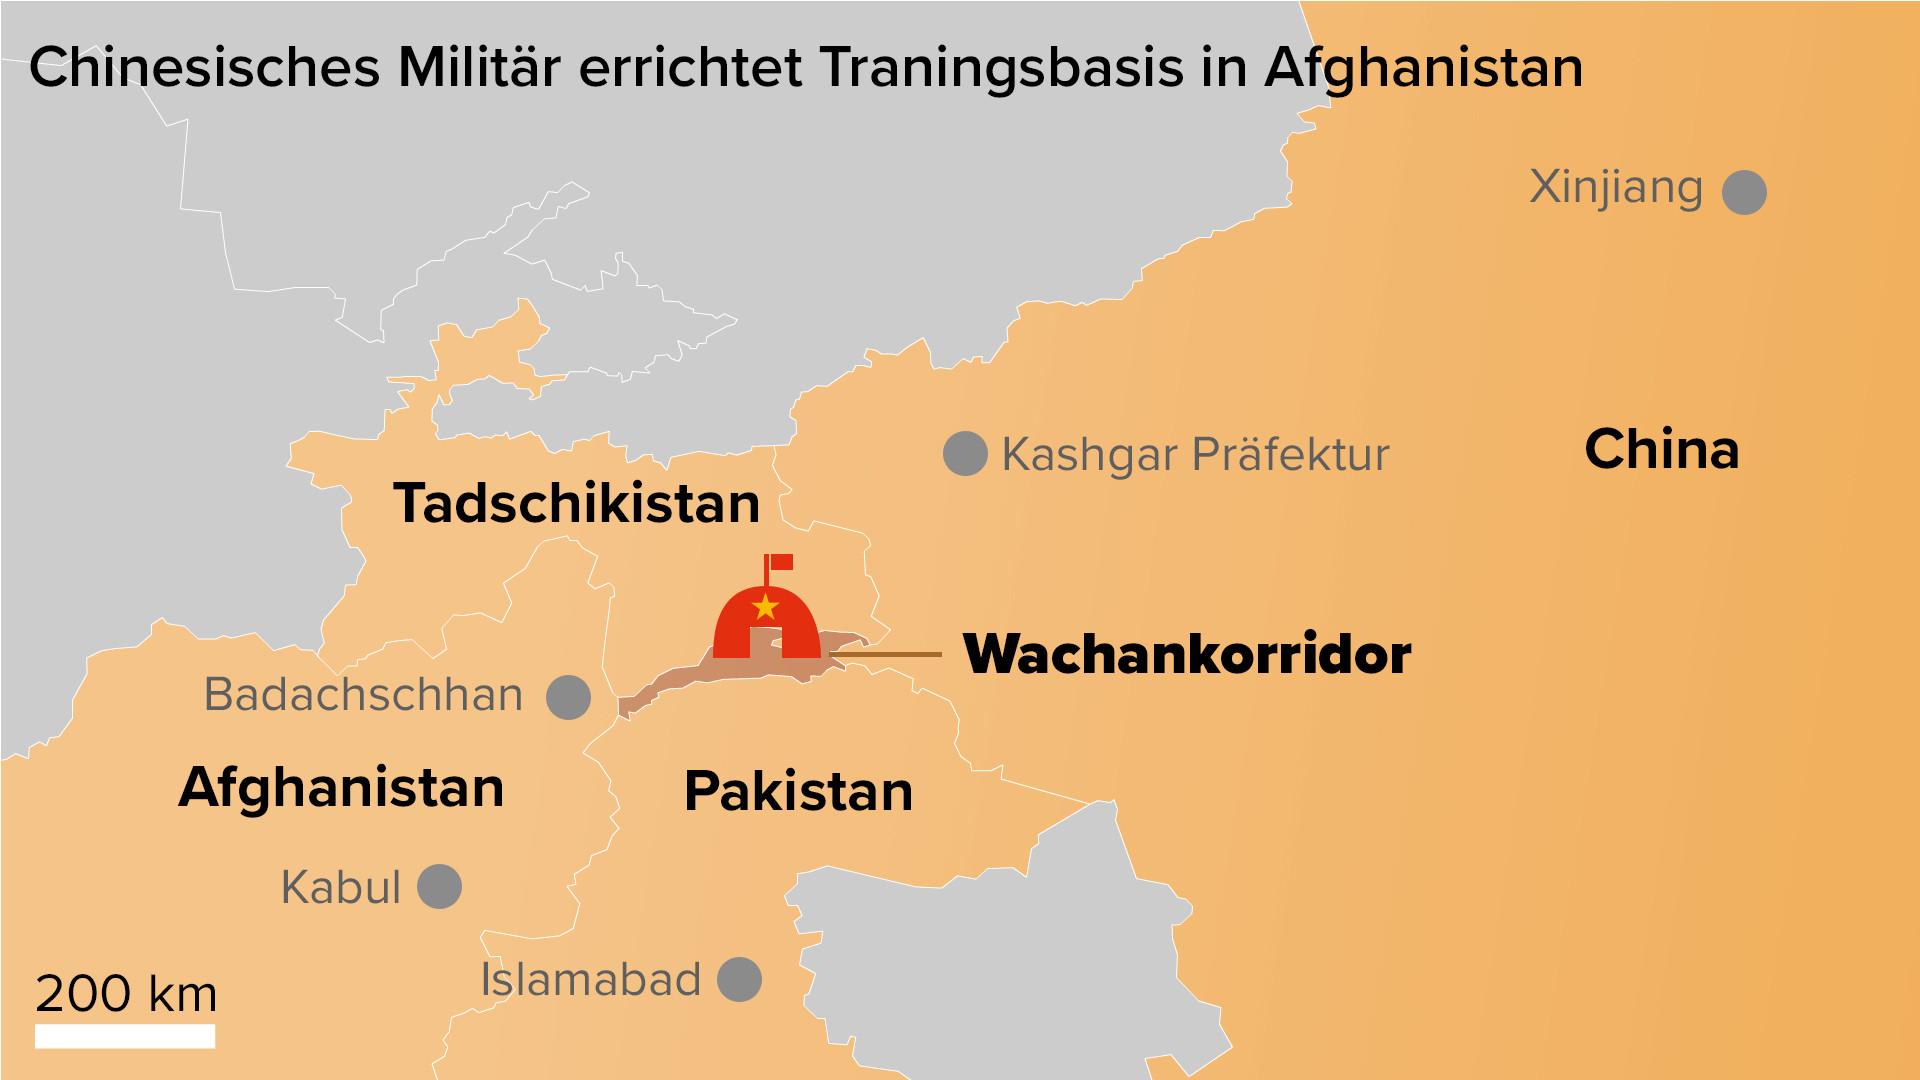 Geopolitischer Wandel: China errichtet erste Militärbasis in Afghanistan